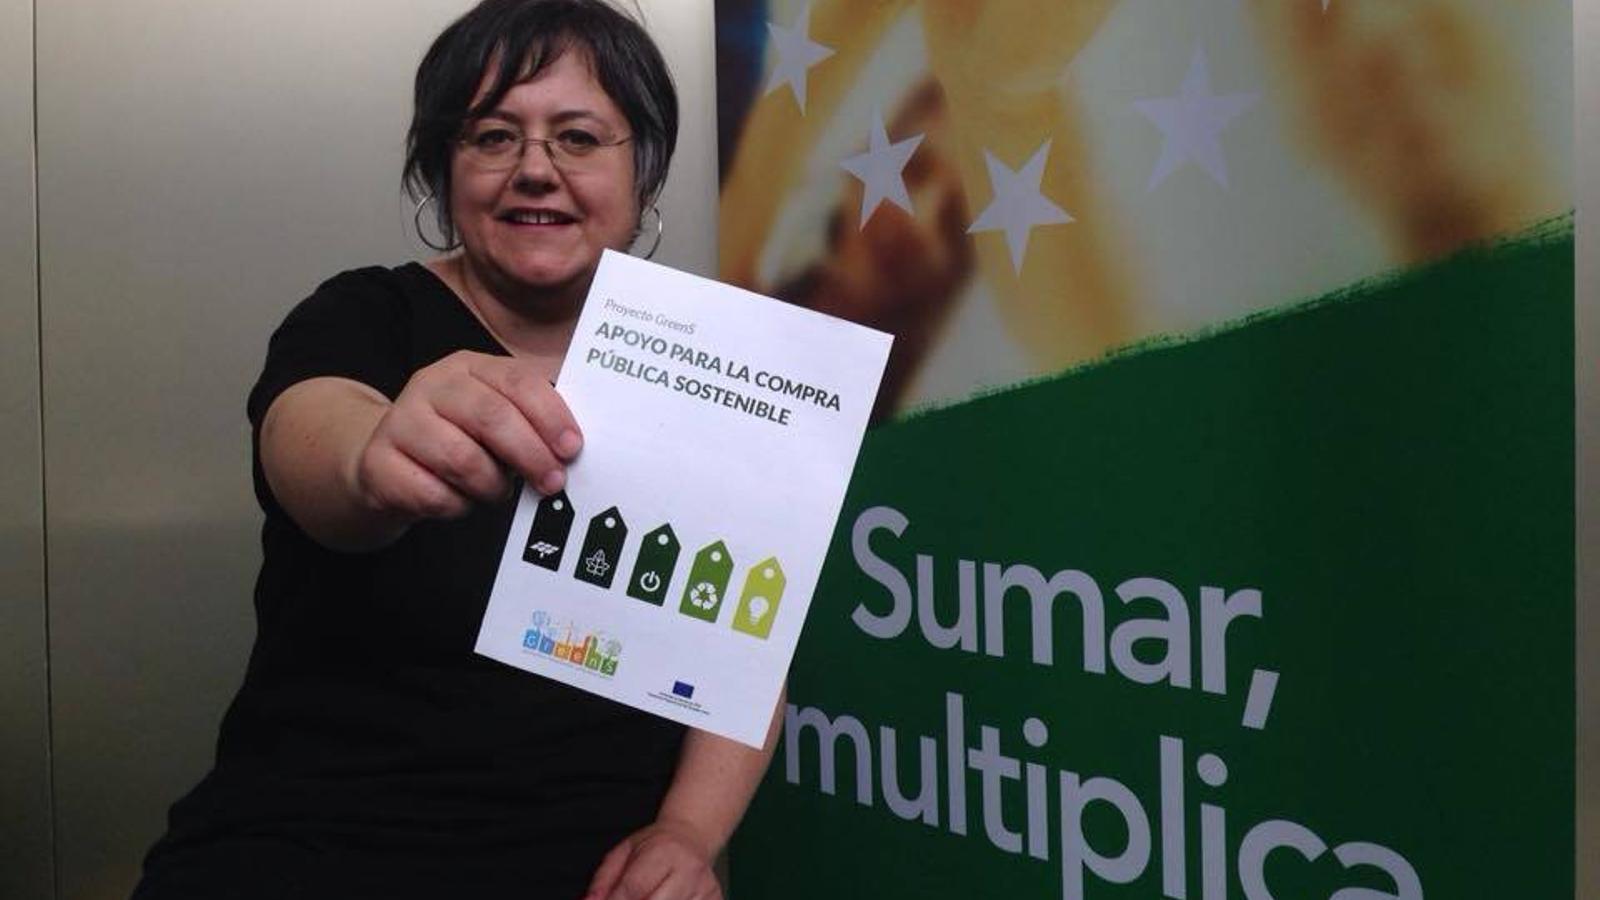 Cristina Gómez guanya les primàries de Podem a Menorca superant la candidatura oficialista